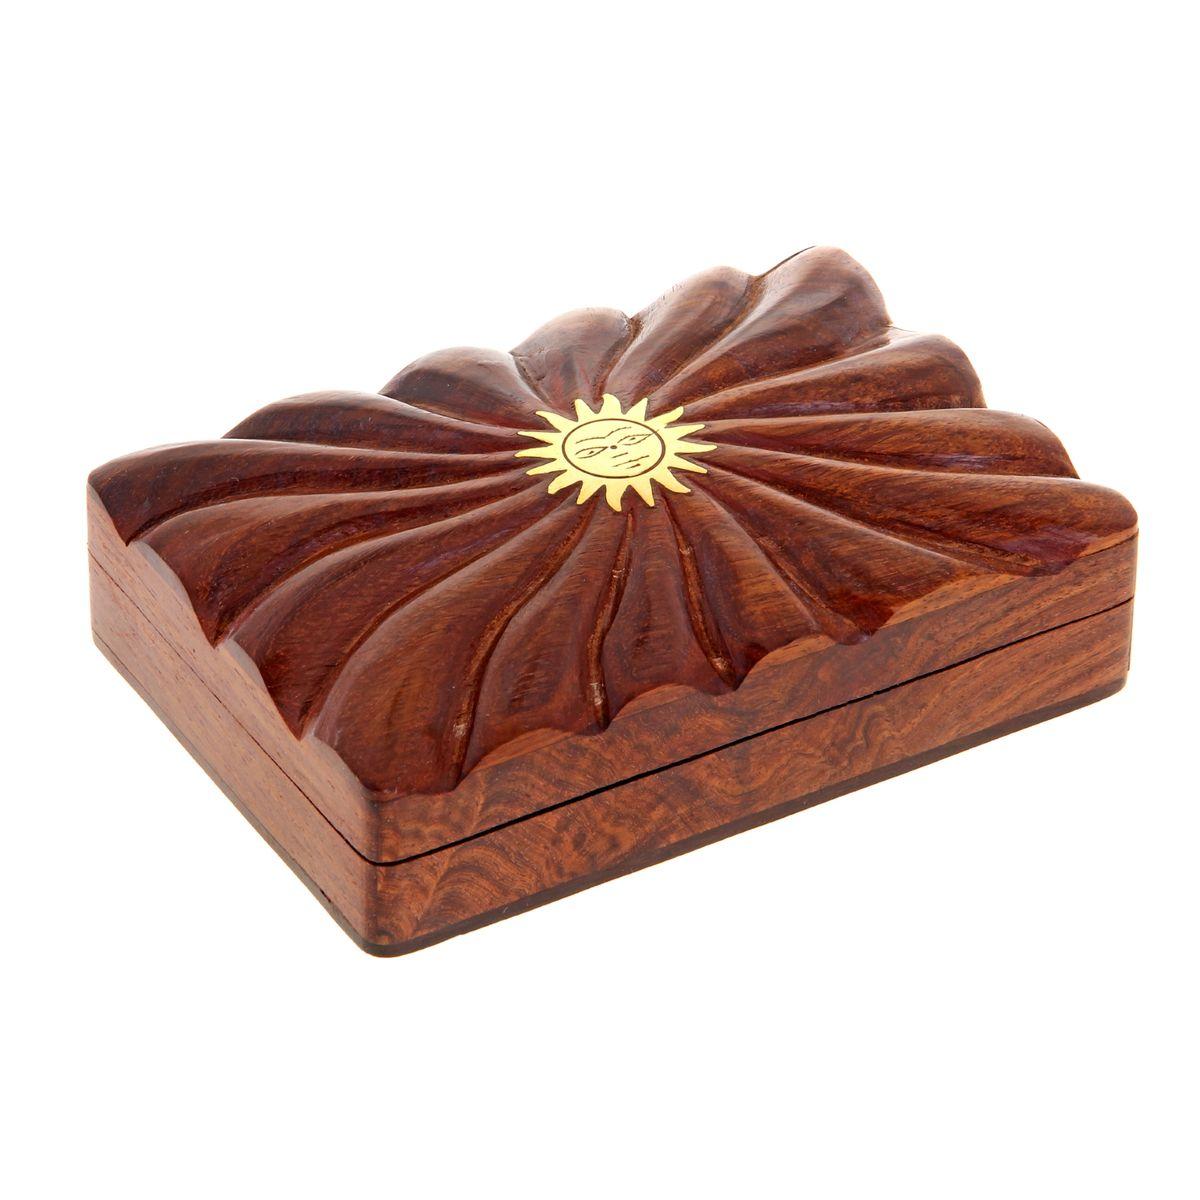 Шкатулка Sima-land Солнце, 13,5 см х 9,5 см х 4 см877488Шкатулка Sima-land Солнце изготовлена из дерева и имеет одно отделение. Затейливый узор, украшающий ее, вырезан вручную, что, без сомнения, придает шкатулке особую ценность. Изделие декорировано изображением солнца, выполненным из латуни. Такая шкатулка - не простой сувенир. Ее функция не только декоративная, но и практическая - служить удобным и надежным местом для хранения самых разных мелочей. Шкатулка Sima-land Солнце станет приятным подарком женщине по случаю праздника, она обязательно оценит ваш безупречный вкус.